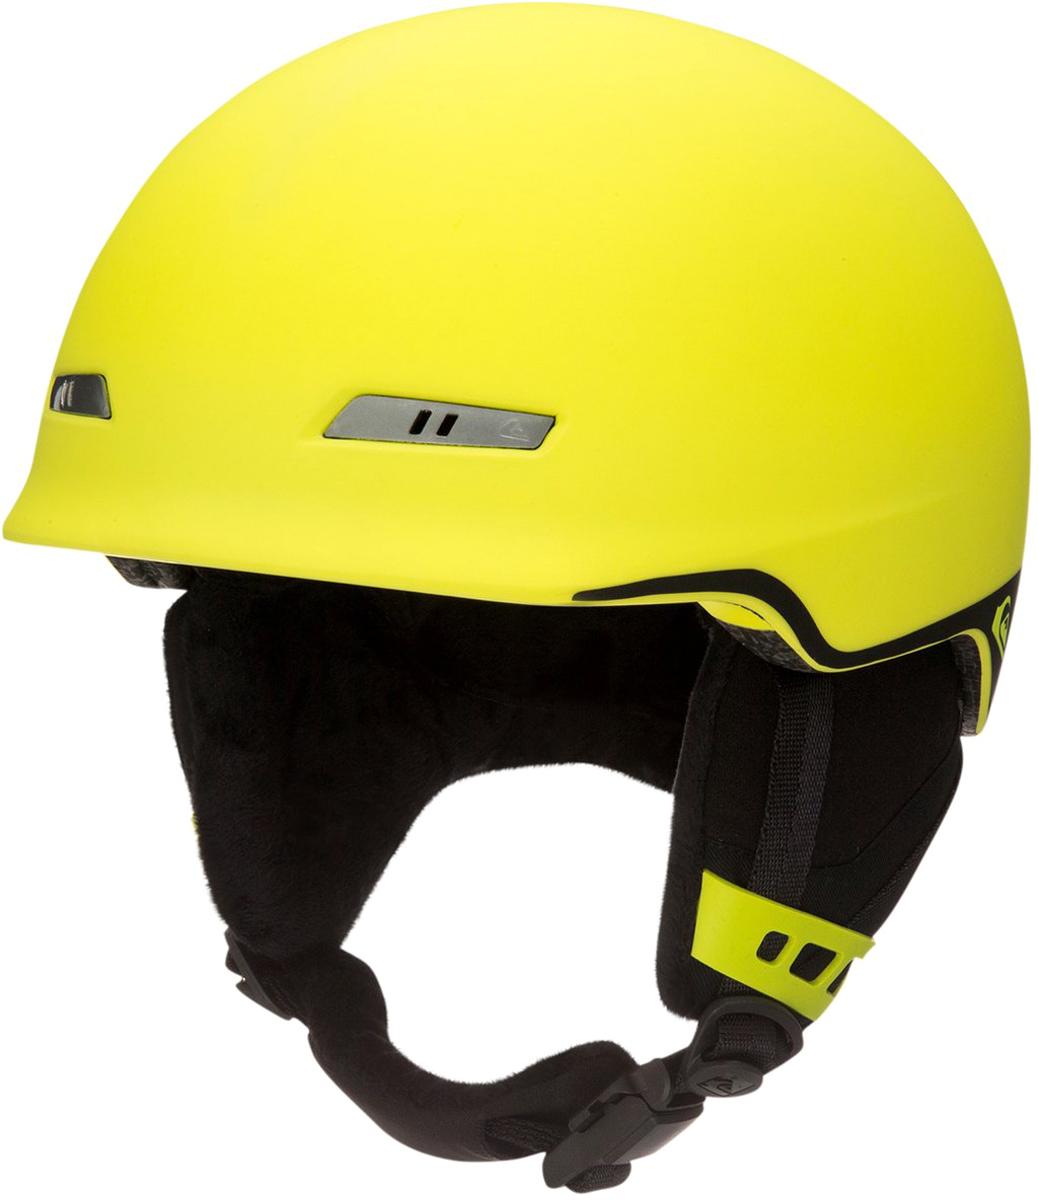 Шлем для горных лыж и сноуборда мужской Quiksilver. EQYTL03017-GGP0. Размер M (54-56)EQYTL03017-GGP0Шлем для горных лыж и сноуборда Quiksilver выполнен из материала двойной микрошелл сверхлегкой литой конструкции. Ударопоглощающий пенный полимер EPS обеспечивает безопасность.Предусмотрена пассивная вентиляция спереди и сзади. Подкладка выполнена из сетки и флисовой шерпы. Шлем оснащен мягкими термоформованными съемными накладками на уши. Система регулировки размера и воротник-гейтер.Стреп на подбородок выполнен из мягкой шерпы и оснащен застежкой системы Fidlock. Вес: 400 г. Сертификация: EN1077.Что взять с собой на горнолыжную прогулку: рассказывают эксперты. Статья OZON Гид